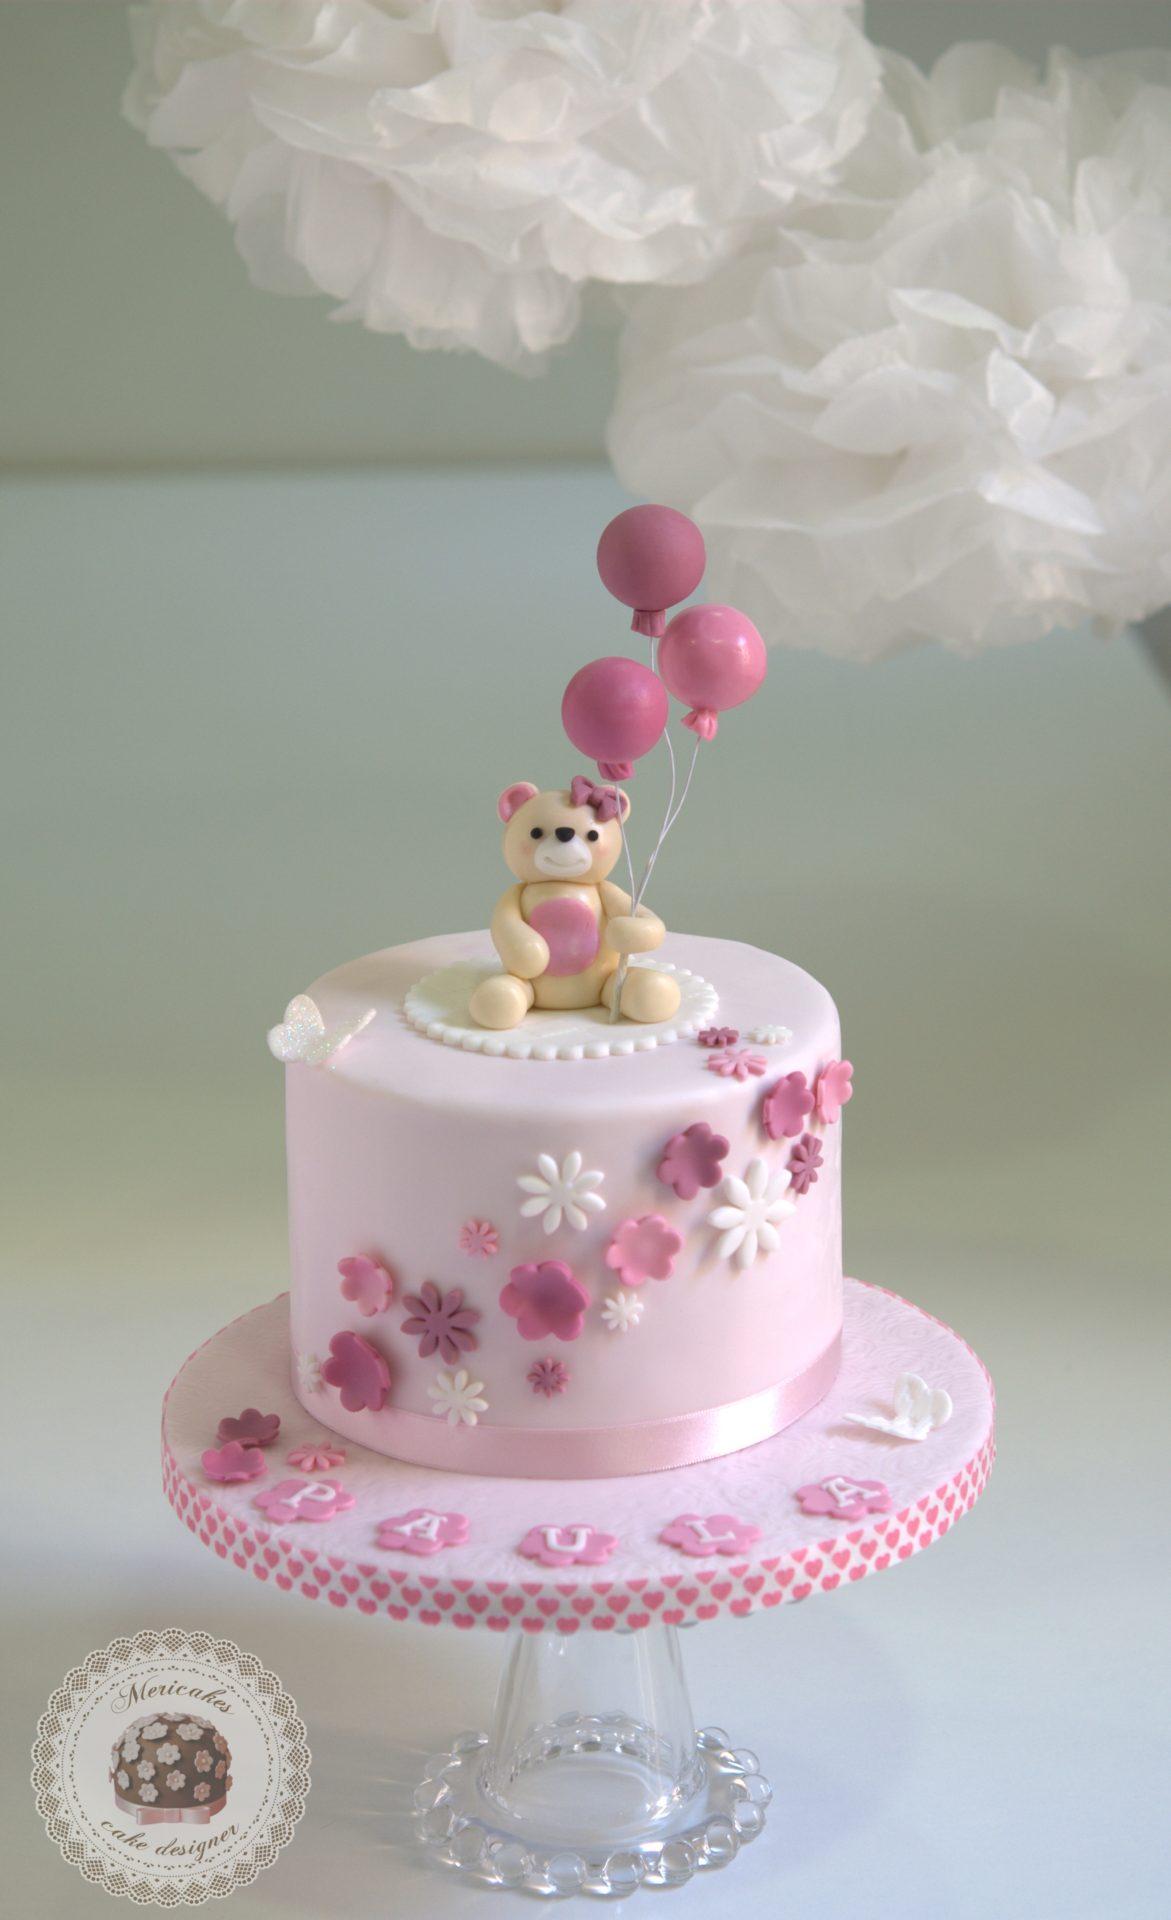 teddy-bear-christening-cake-tartas-barcelona-tartas-decoradas-osito-balloons-globos-bautizo-fondant-chocolate-mericakes-3